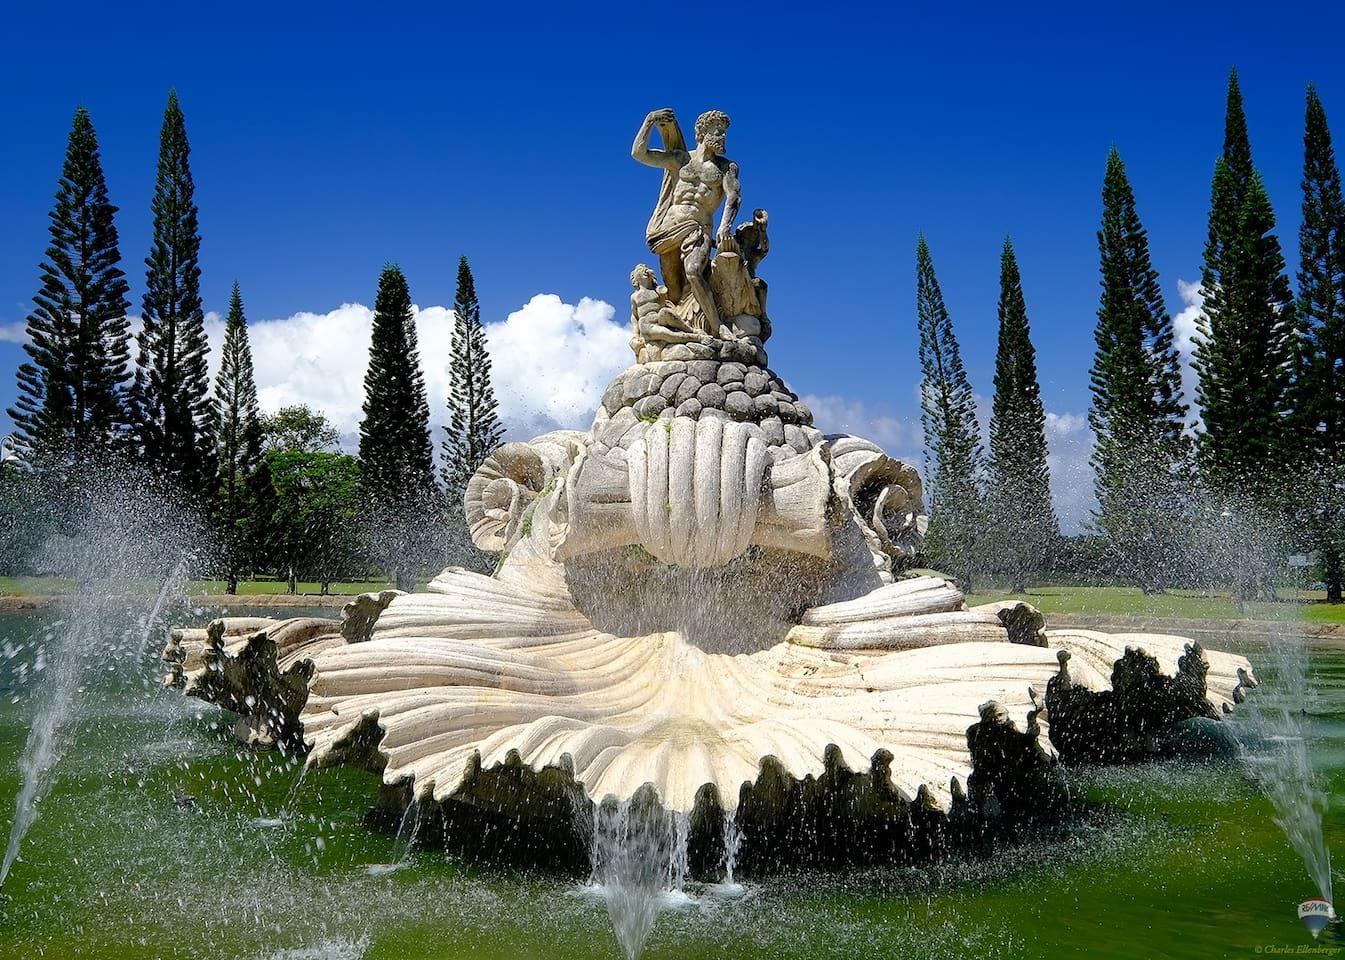 Water,Art,Sculpture,Statue,Field